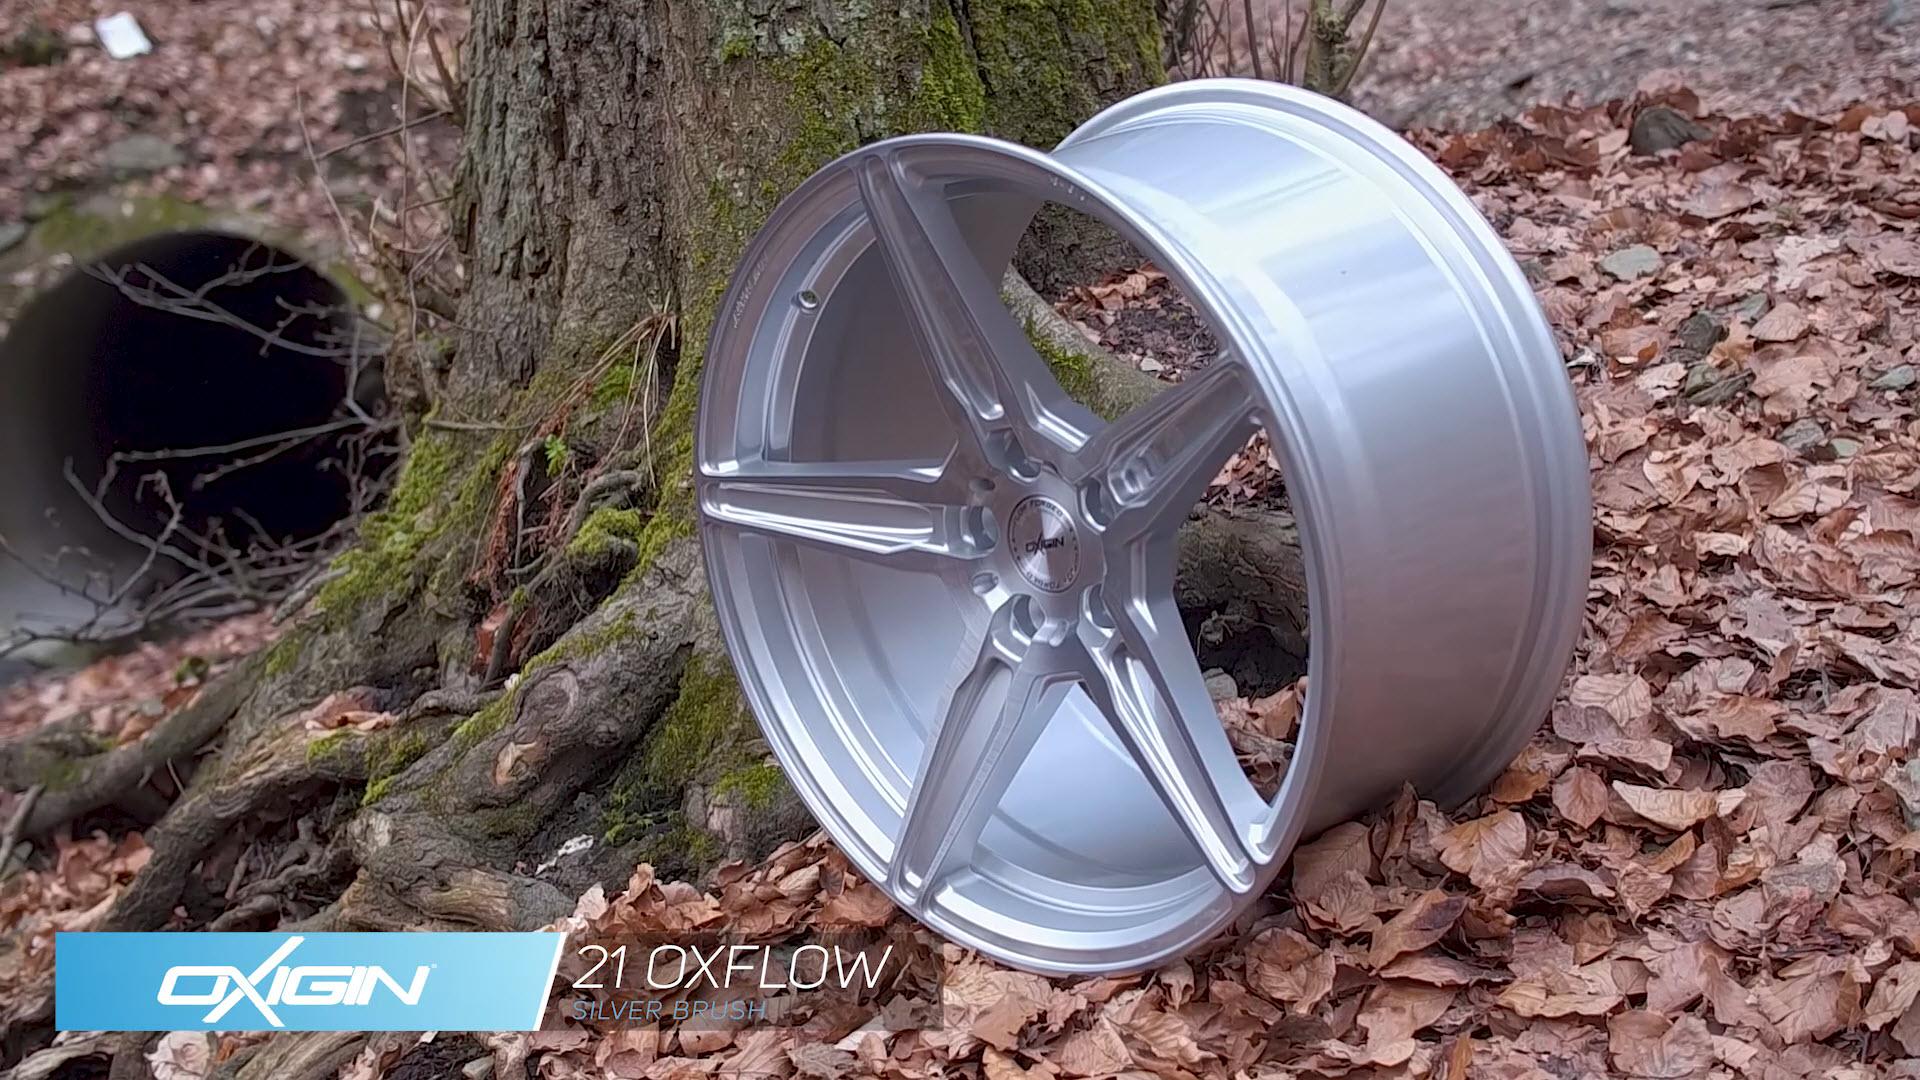 OX 21 Oxflow Silver Brush und Ambiente